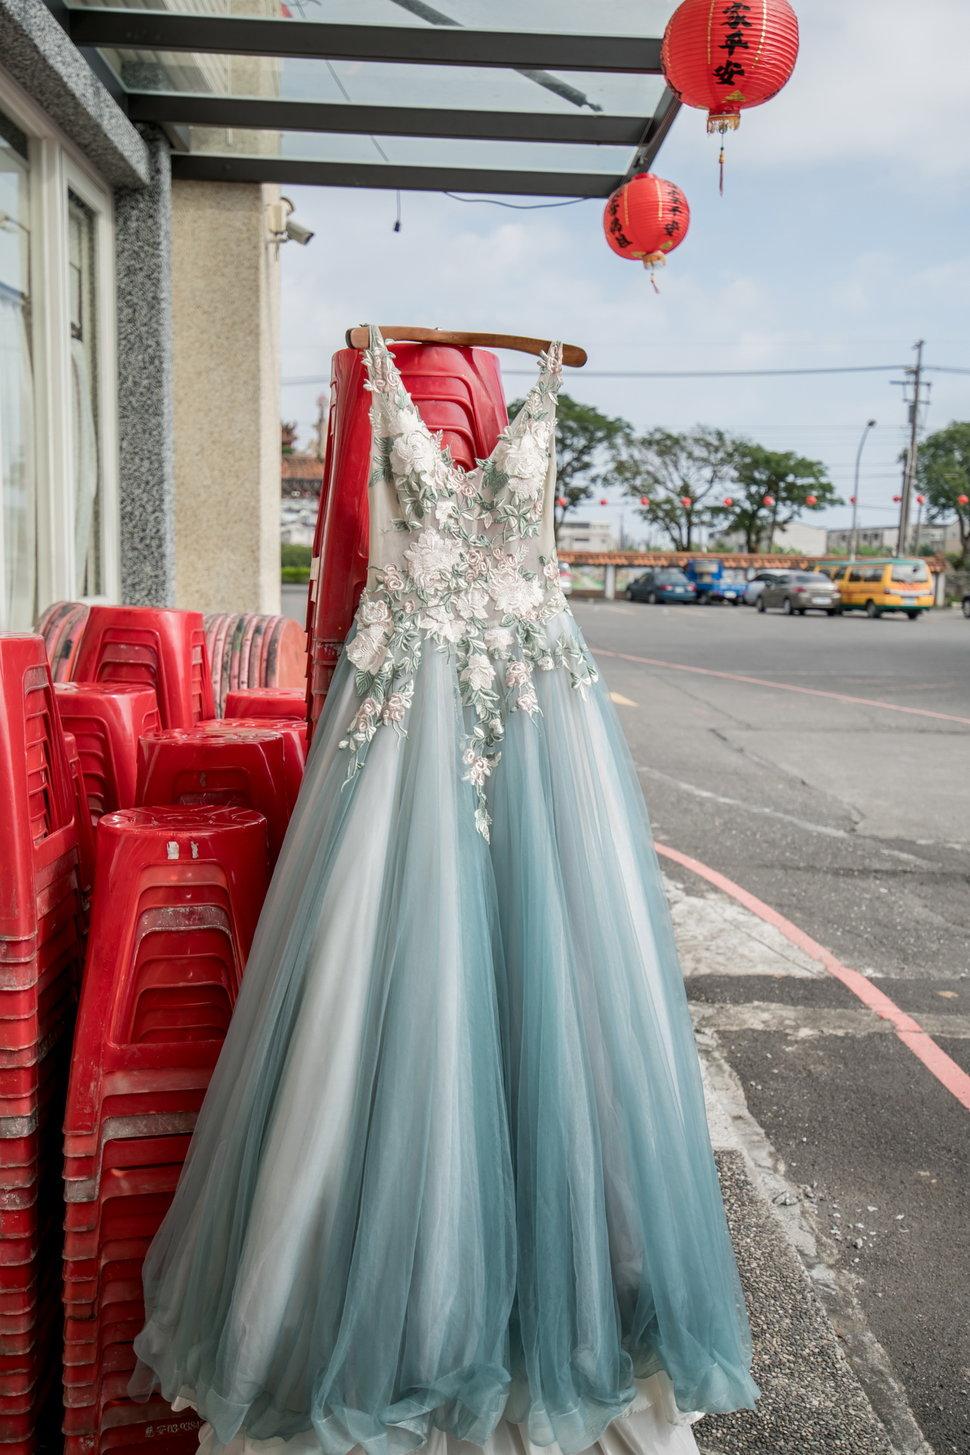 DSC_0020 - Daco  攝影工作室 - 結婚吧